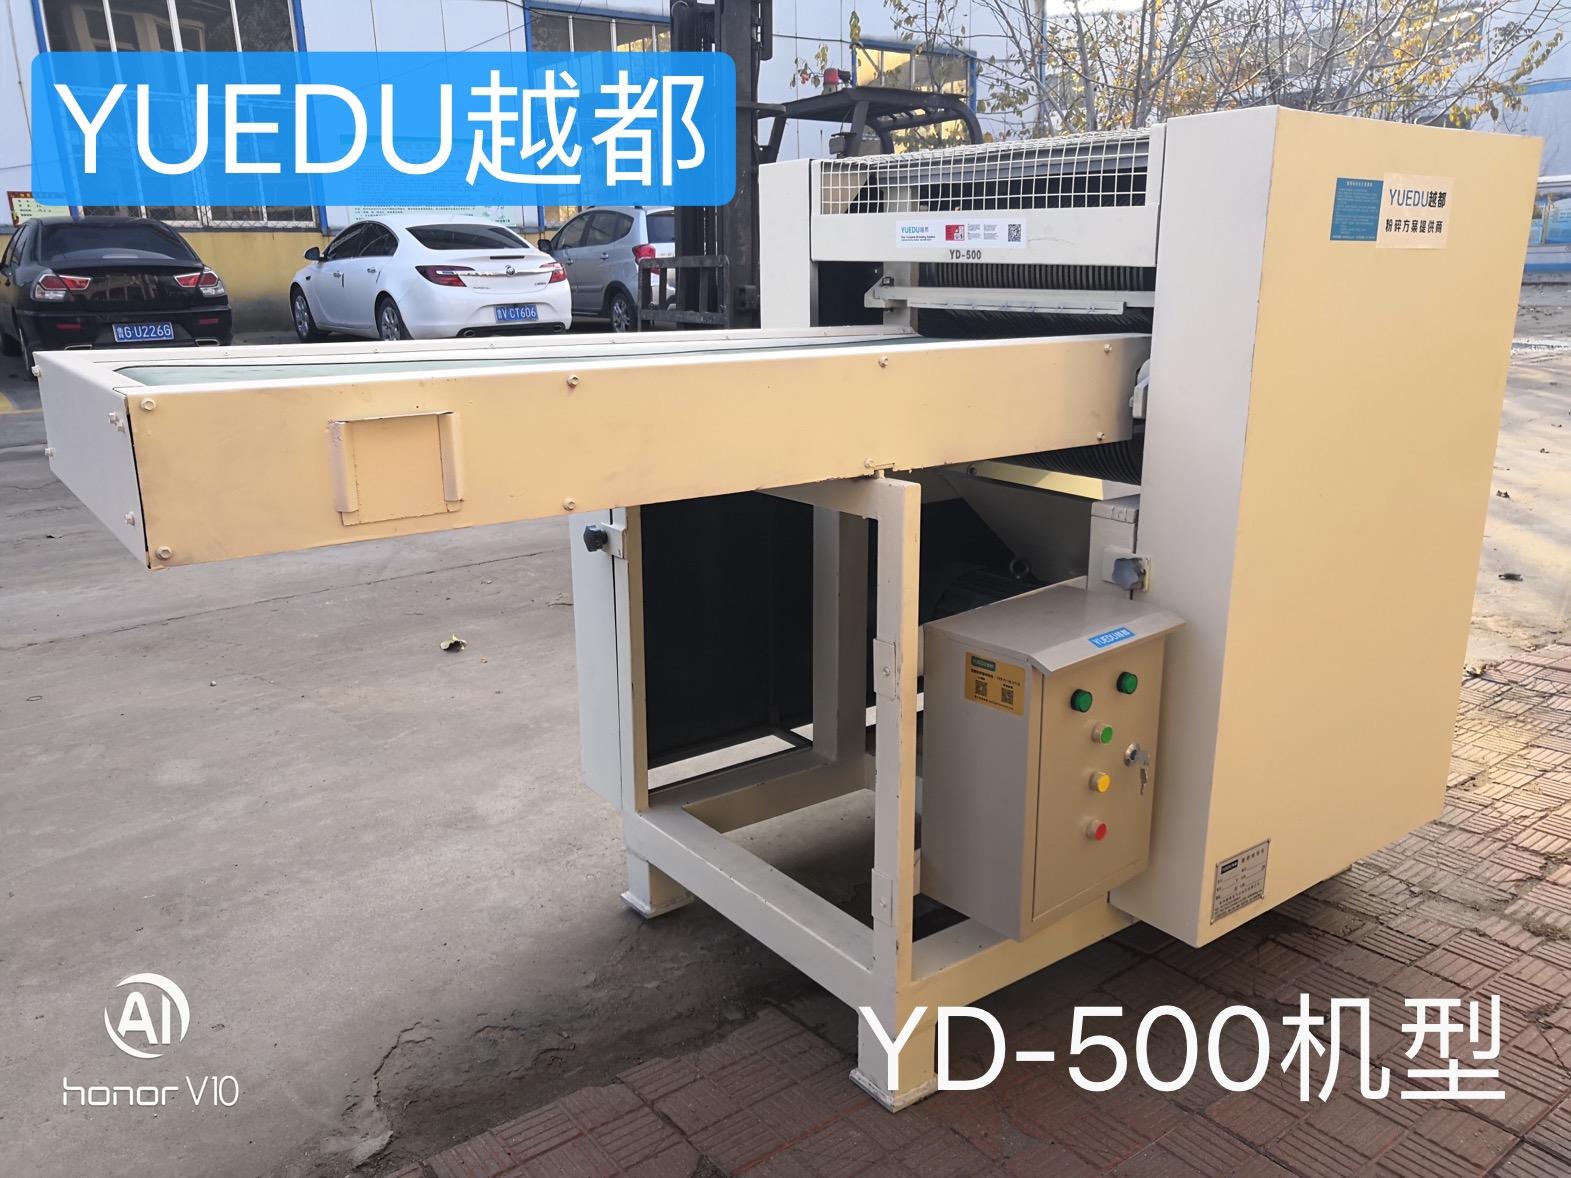 越都纤维切断机YD-GD500机型 该机器可以粉碎 撕碎切断各类柔性纤维物料 如 包装袋 渔网 塑料袋 布料等